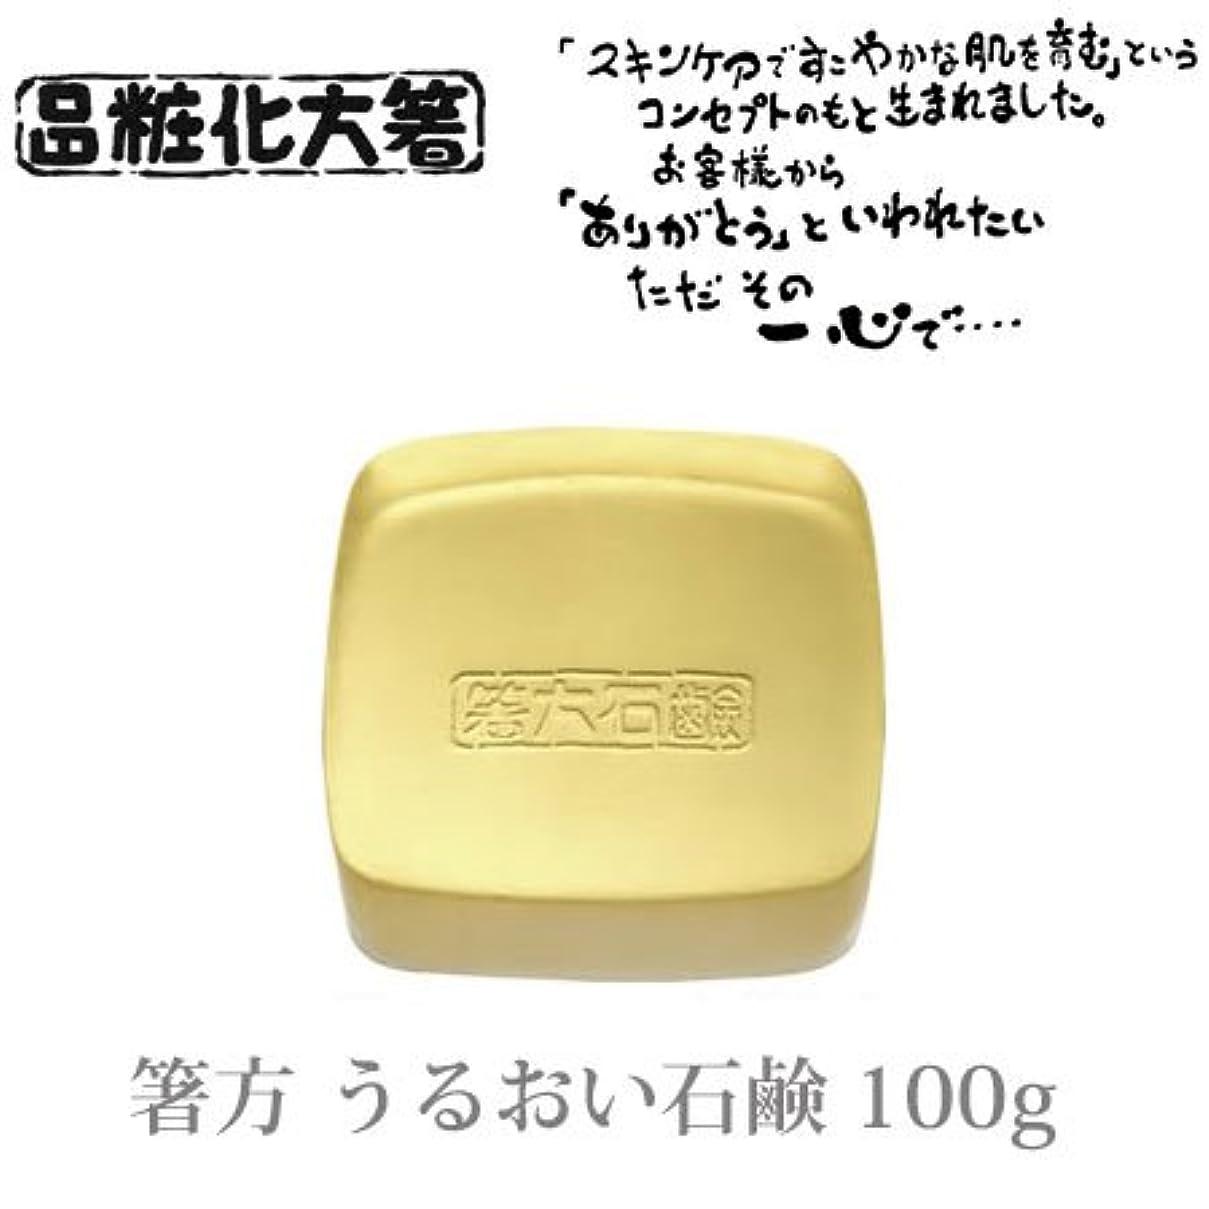 考古学注文欲しいです箸方化粧品 うるおい石鹸 100g はしかた化粧品